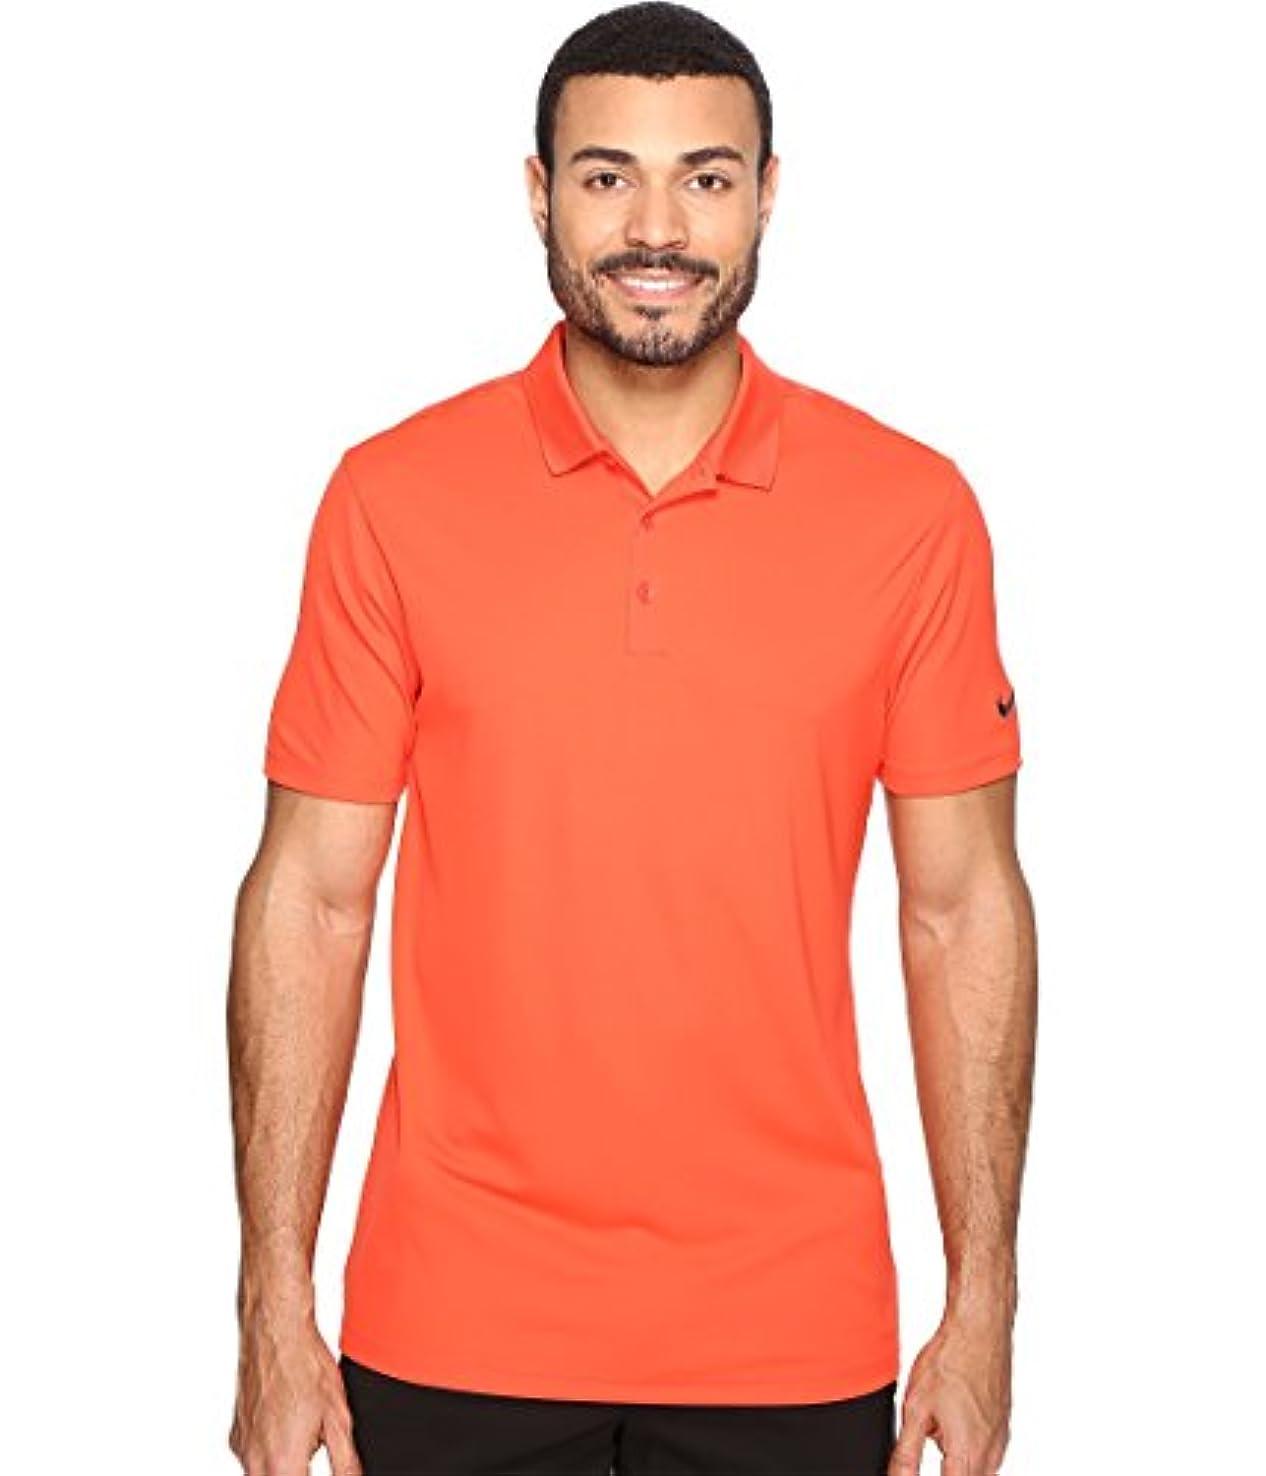 食器棚茎半円ナイキ トップス シャツ Victory Solid Polo Max Orange a4p [並行輸入品]